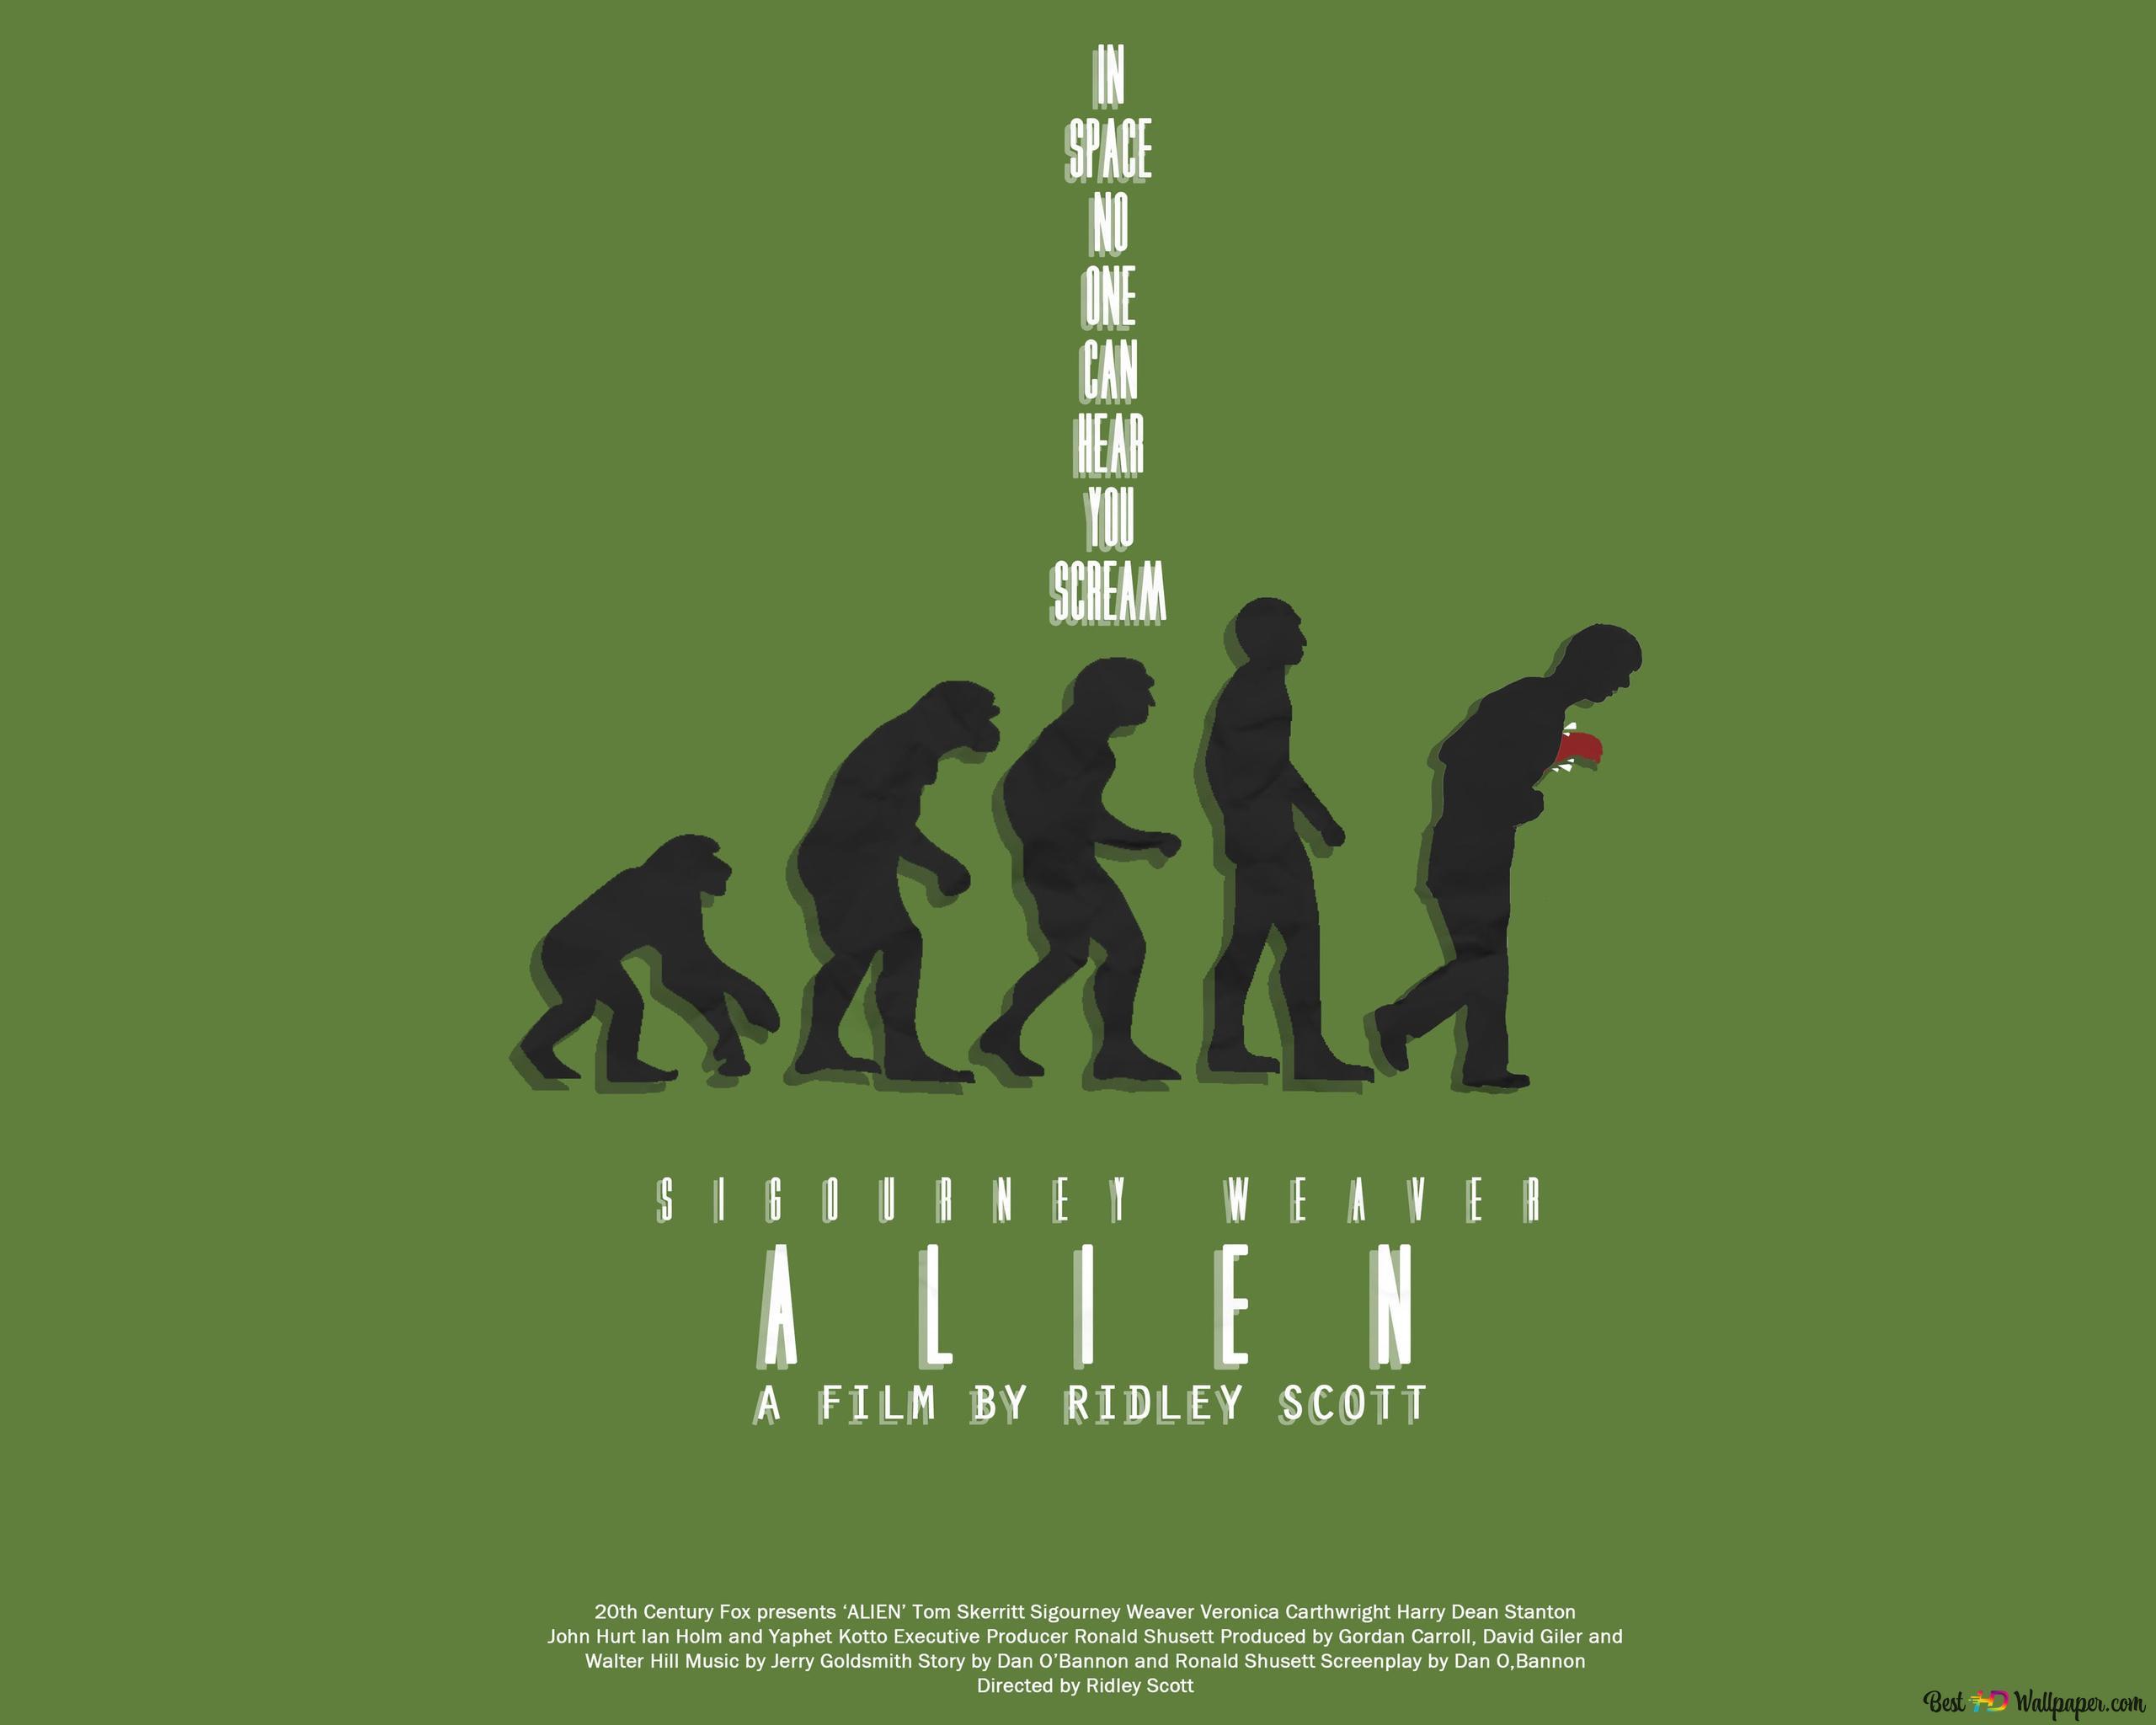 エイリアン 男の進化 Hd壁紙のダウンロード